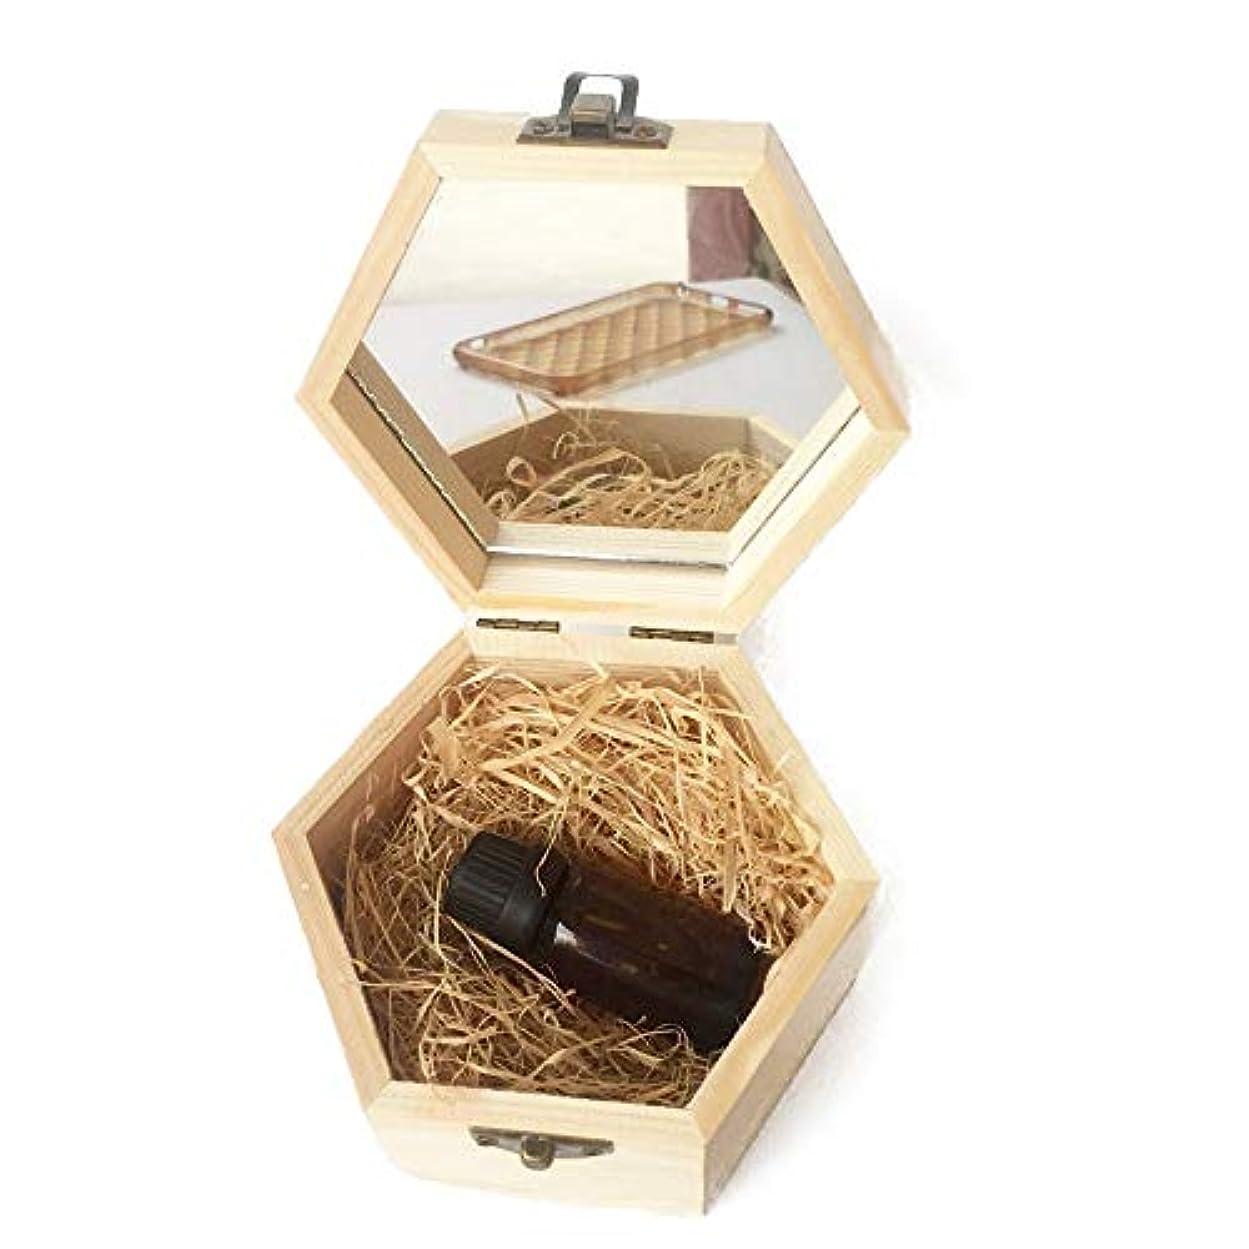 永遠に分析的な分析するエッセンシャルオイルの保管 アロマセラピーのエッセンシャルオイル木箱の品質収納ケース (色 : Natural, サイズ : 13X11.3X6.8CM)